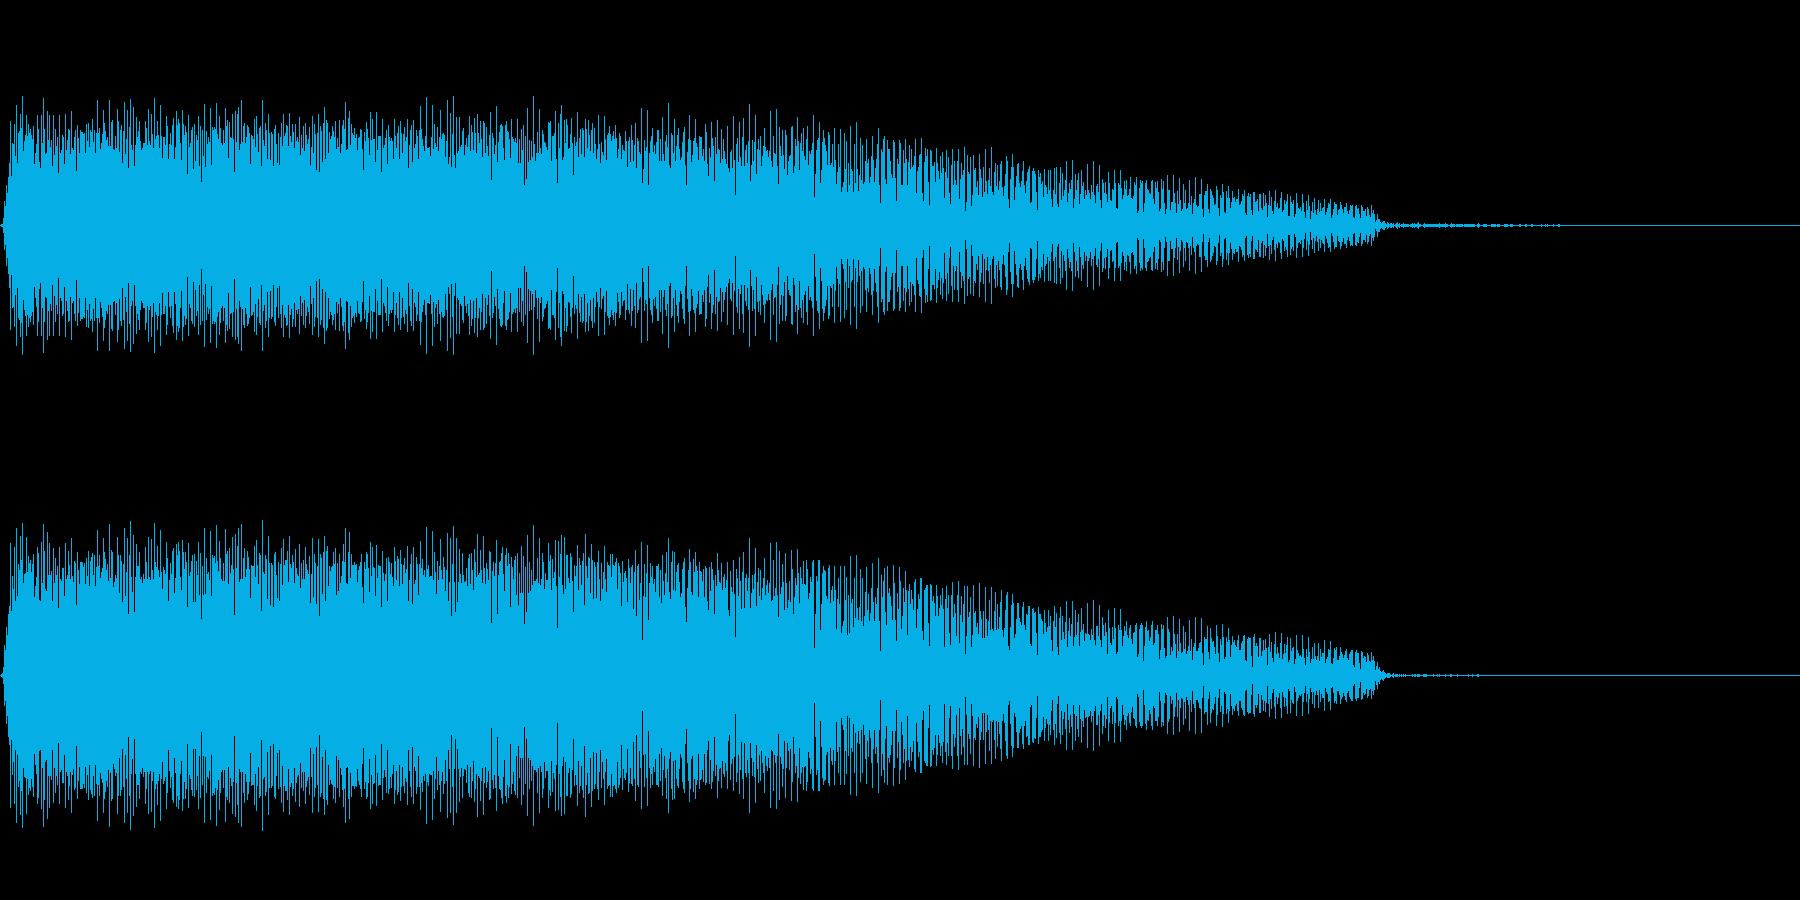 AnimeFX ロボットの動作音 単発の再生済みの波形